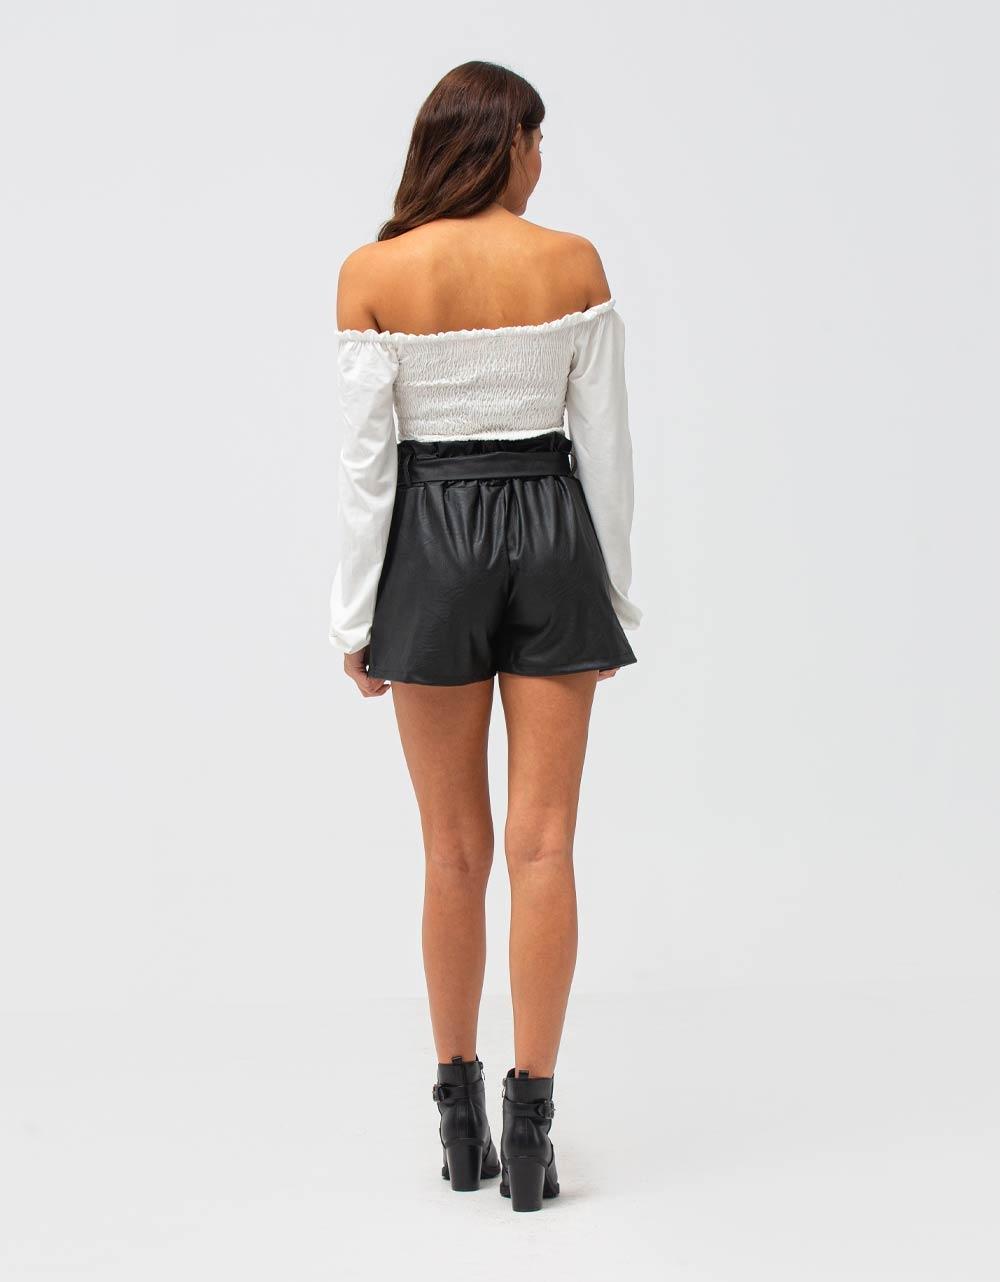 Εικόνα από Γυναικεία μπλούζα με ακάλυπτους ώμους Λευκό